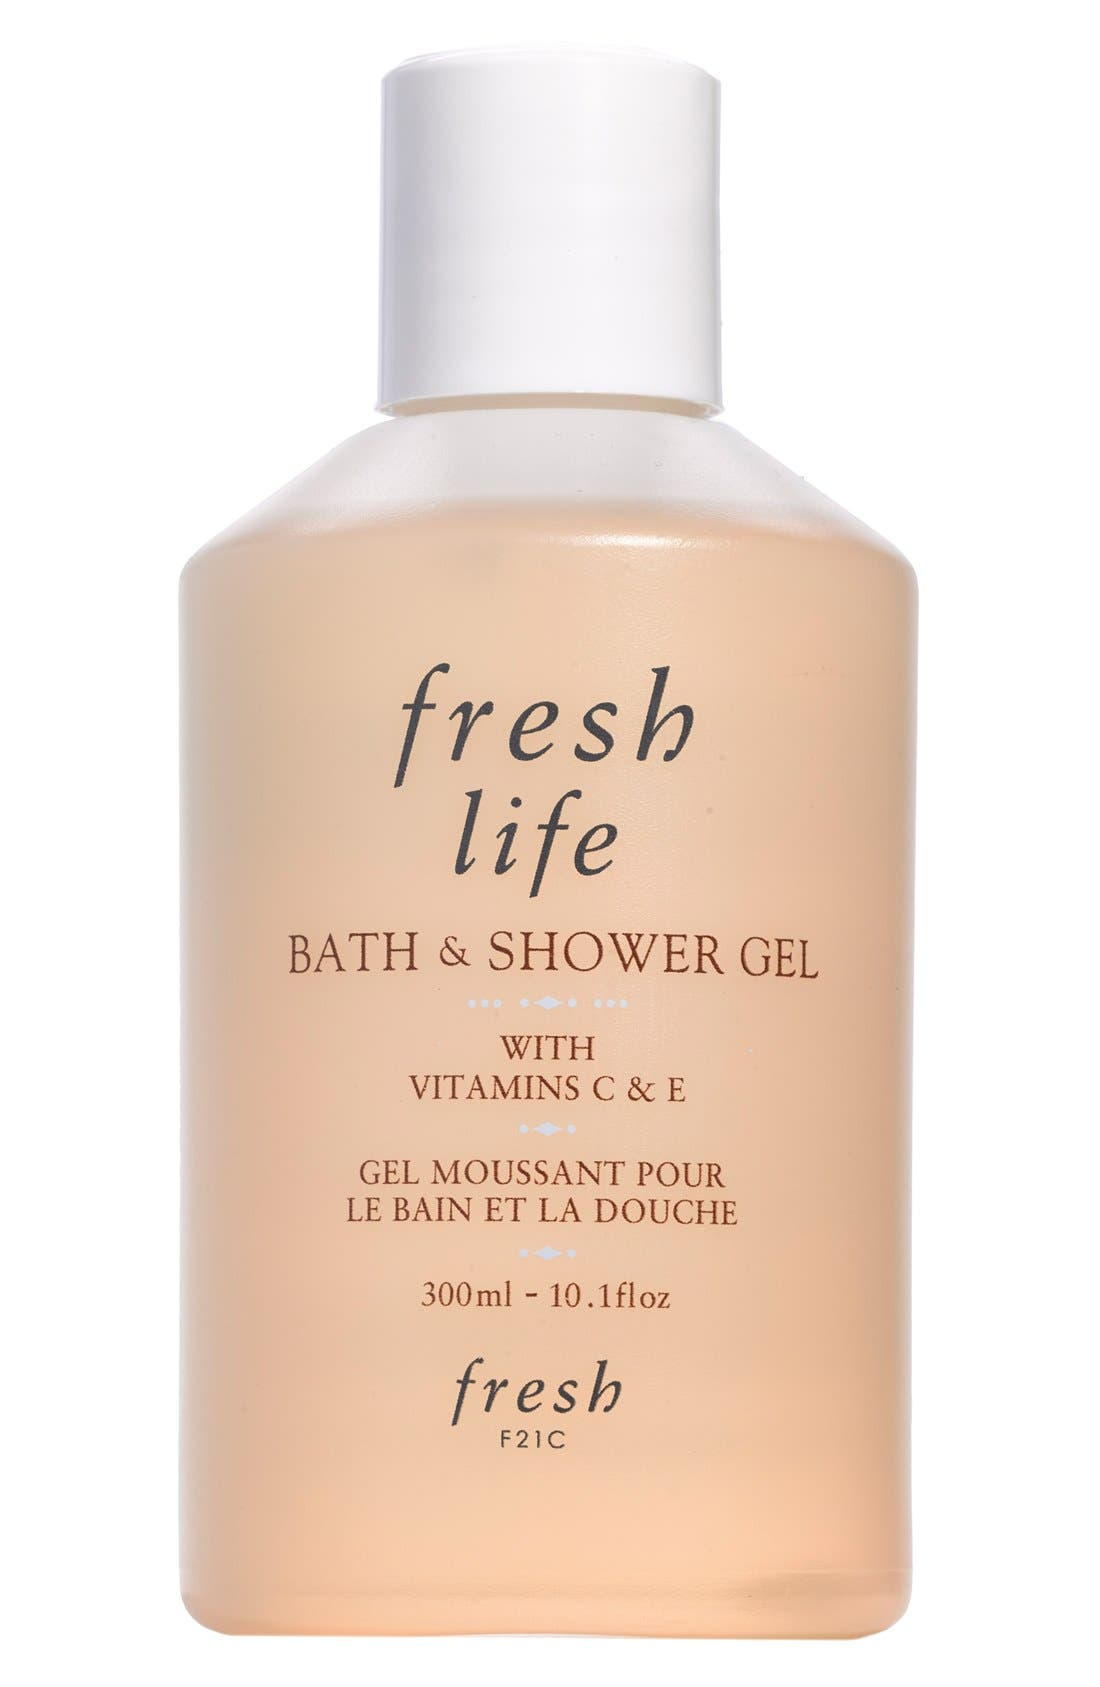 Fresh® 'Life' Bath & Shower Gel